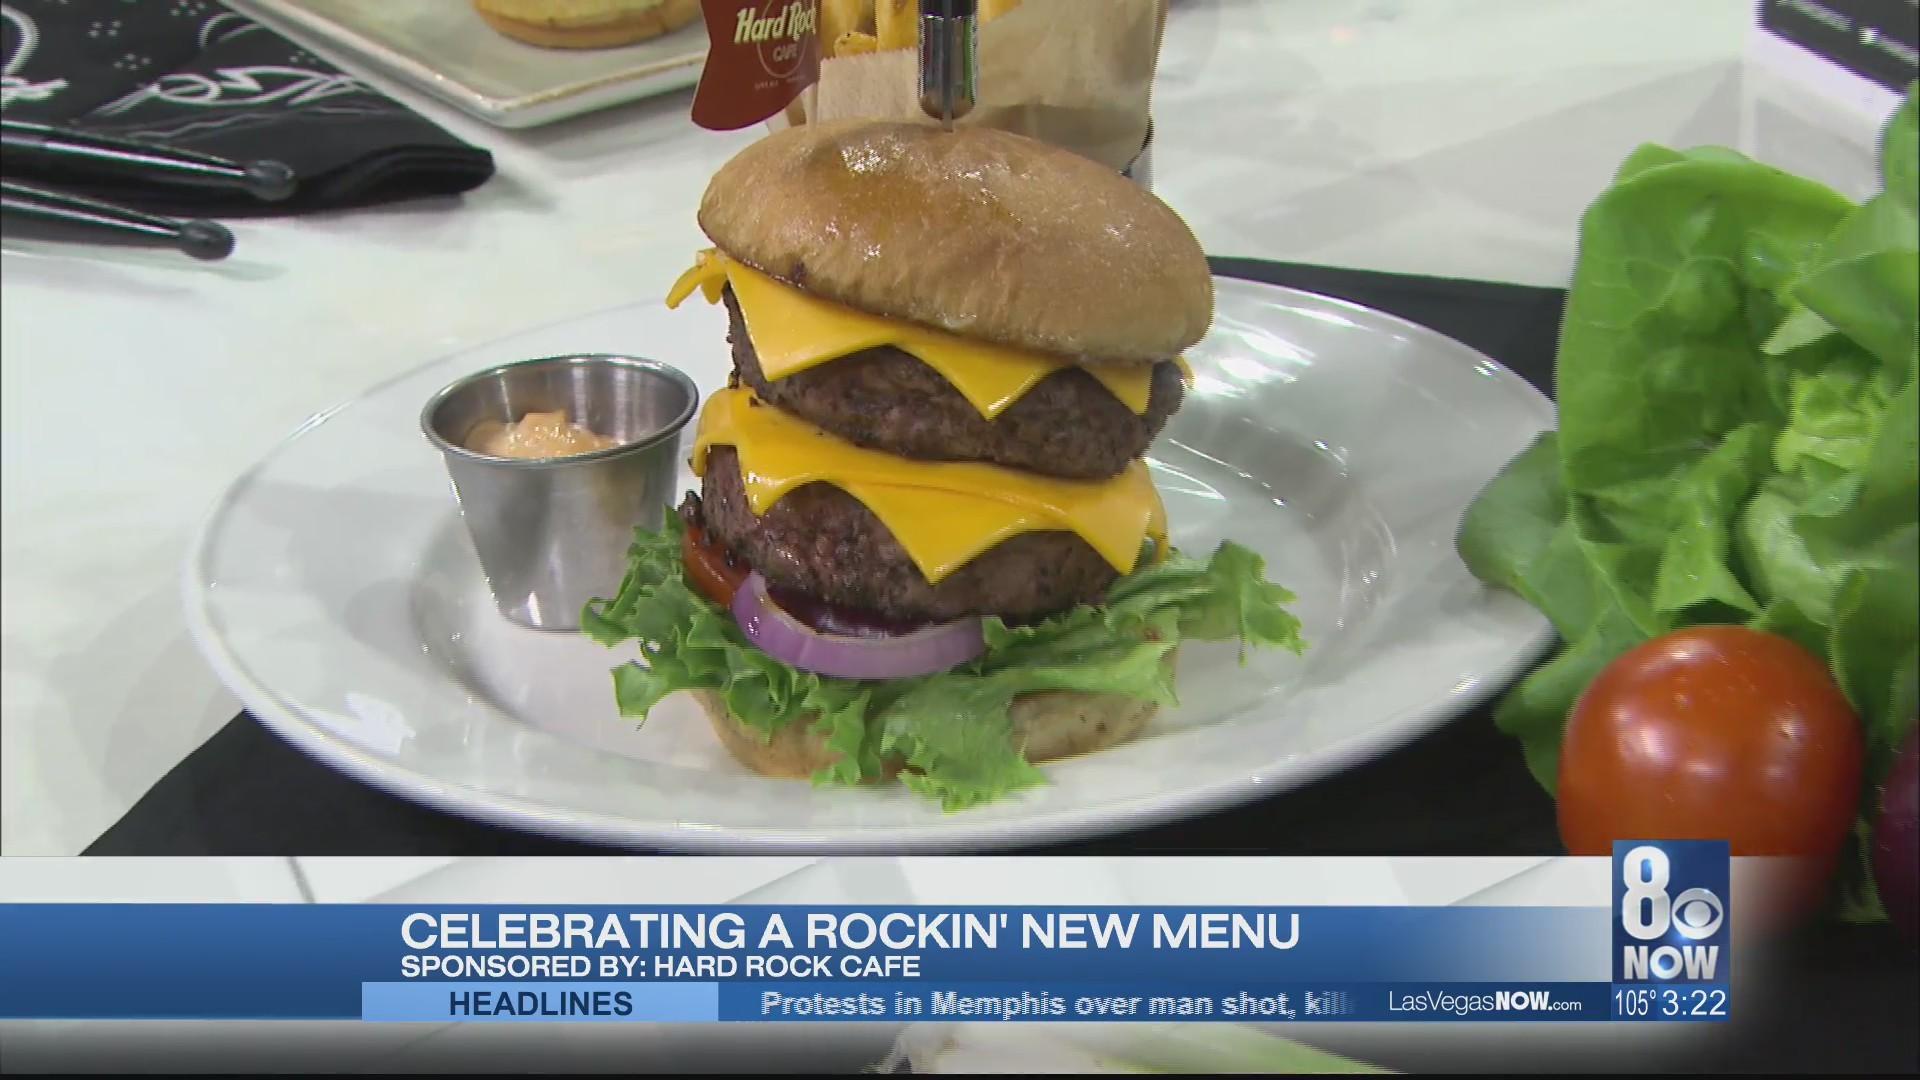 Celebrating a rockin' new menu